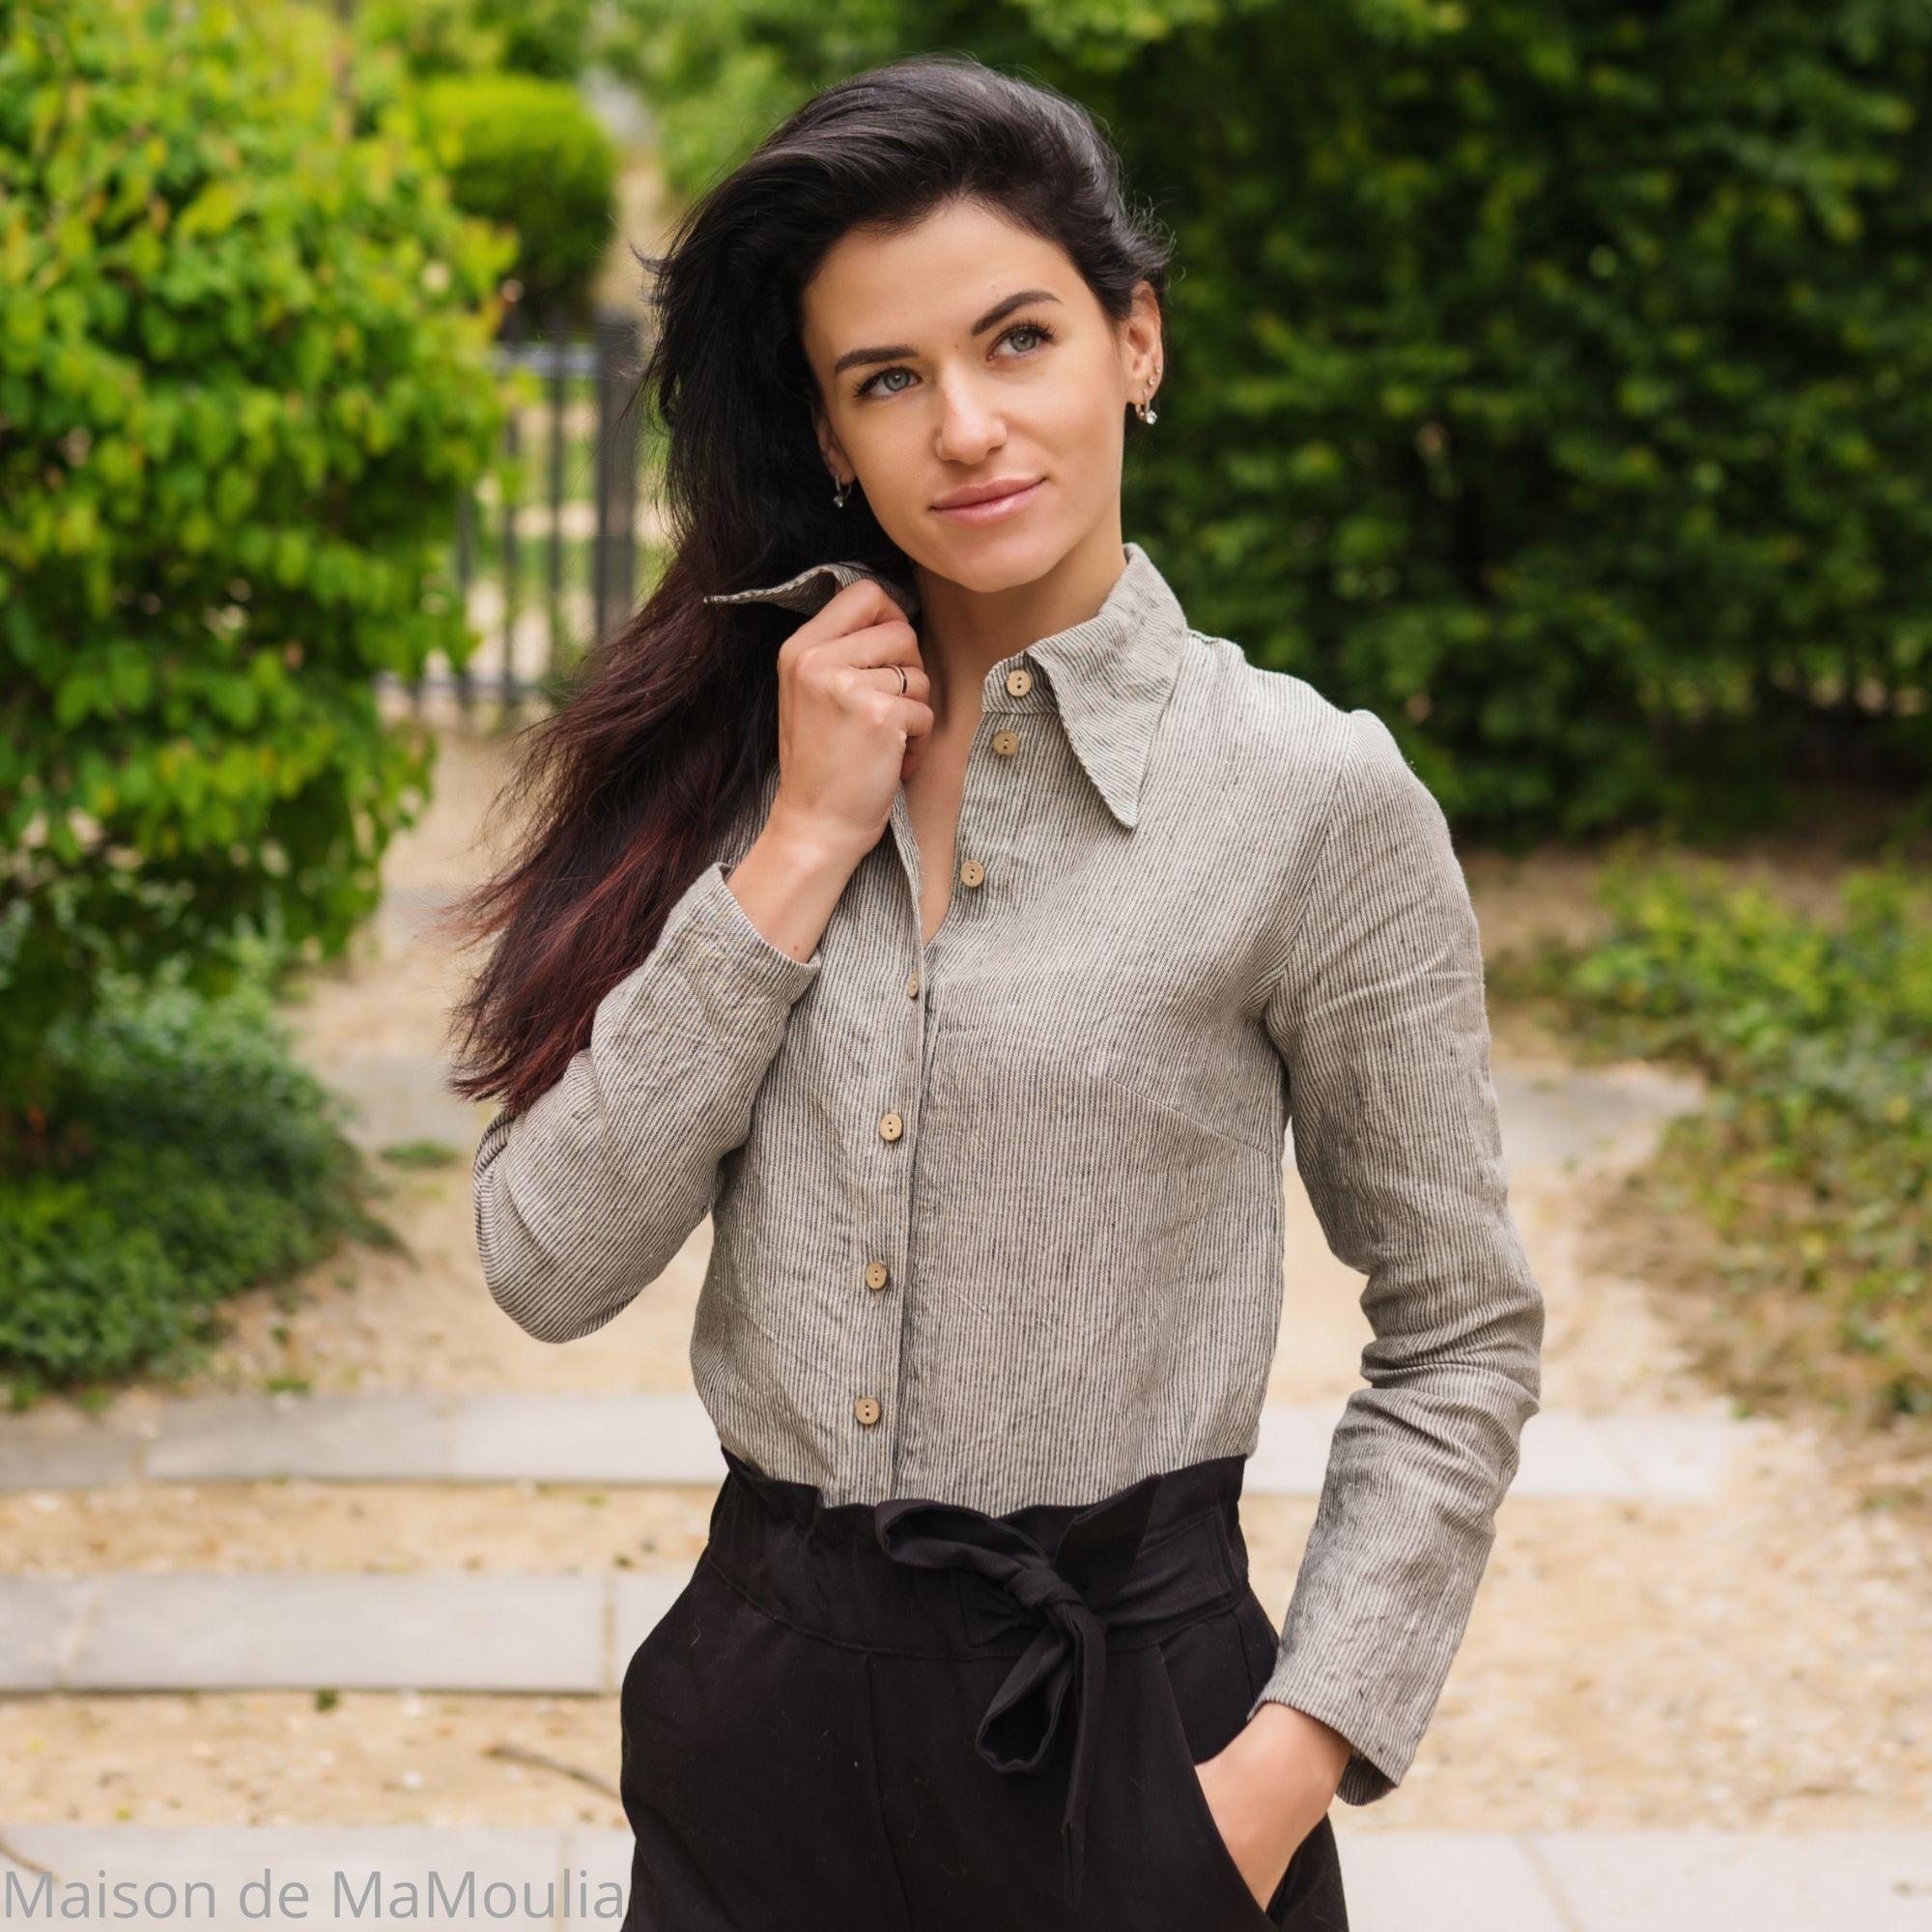 chemise-femme-pure-lin-lave-simplygrey-maison-de-mamoulia-rayures-fines- gris